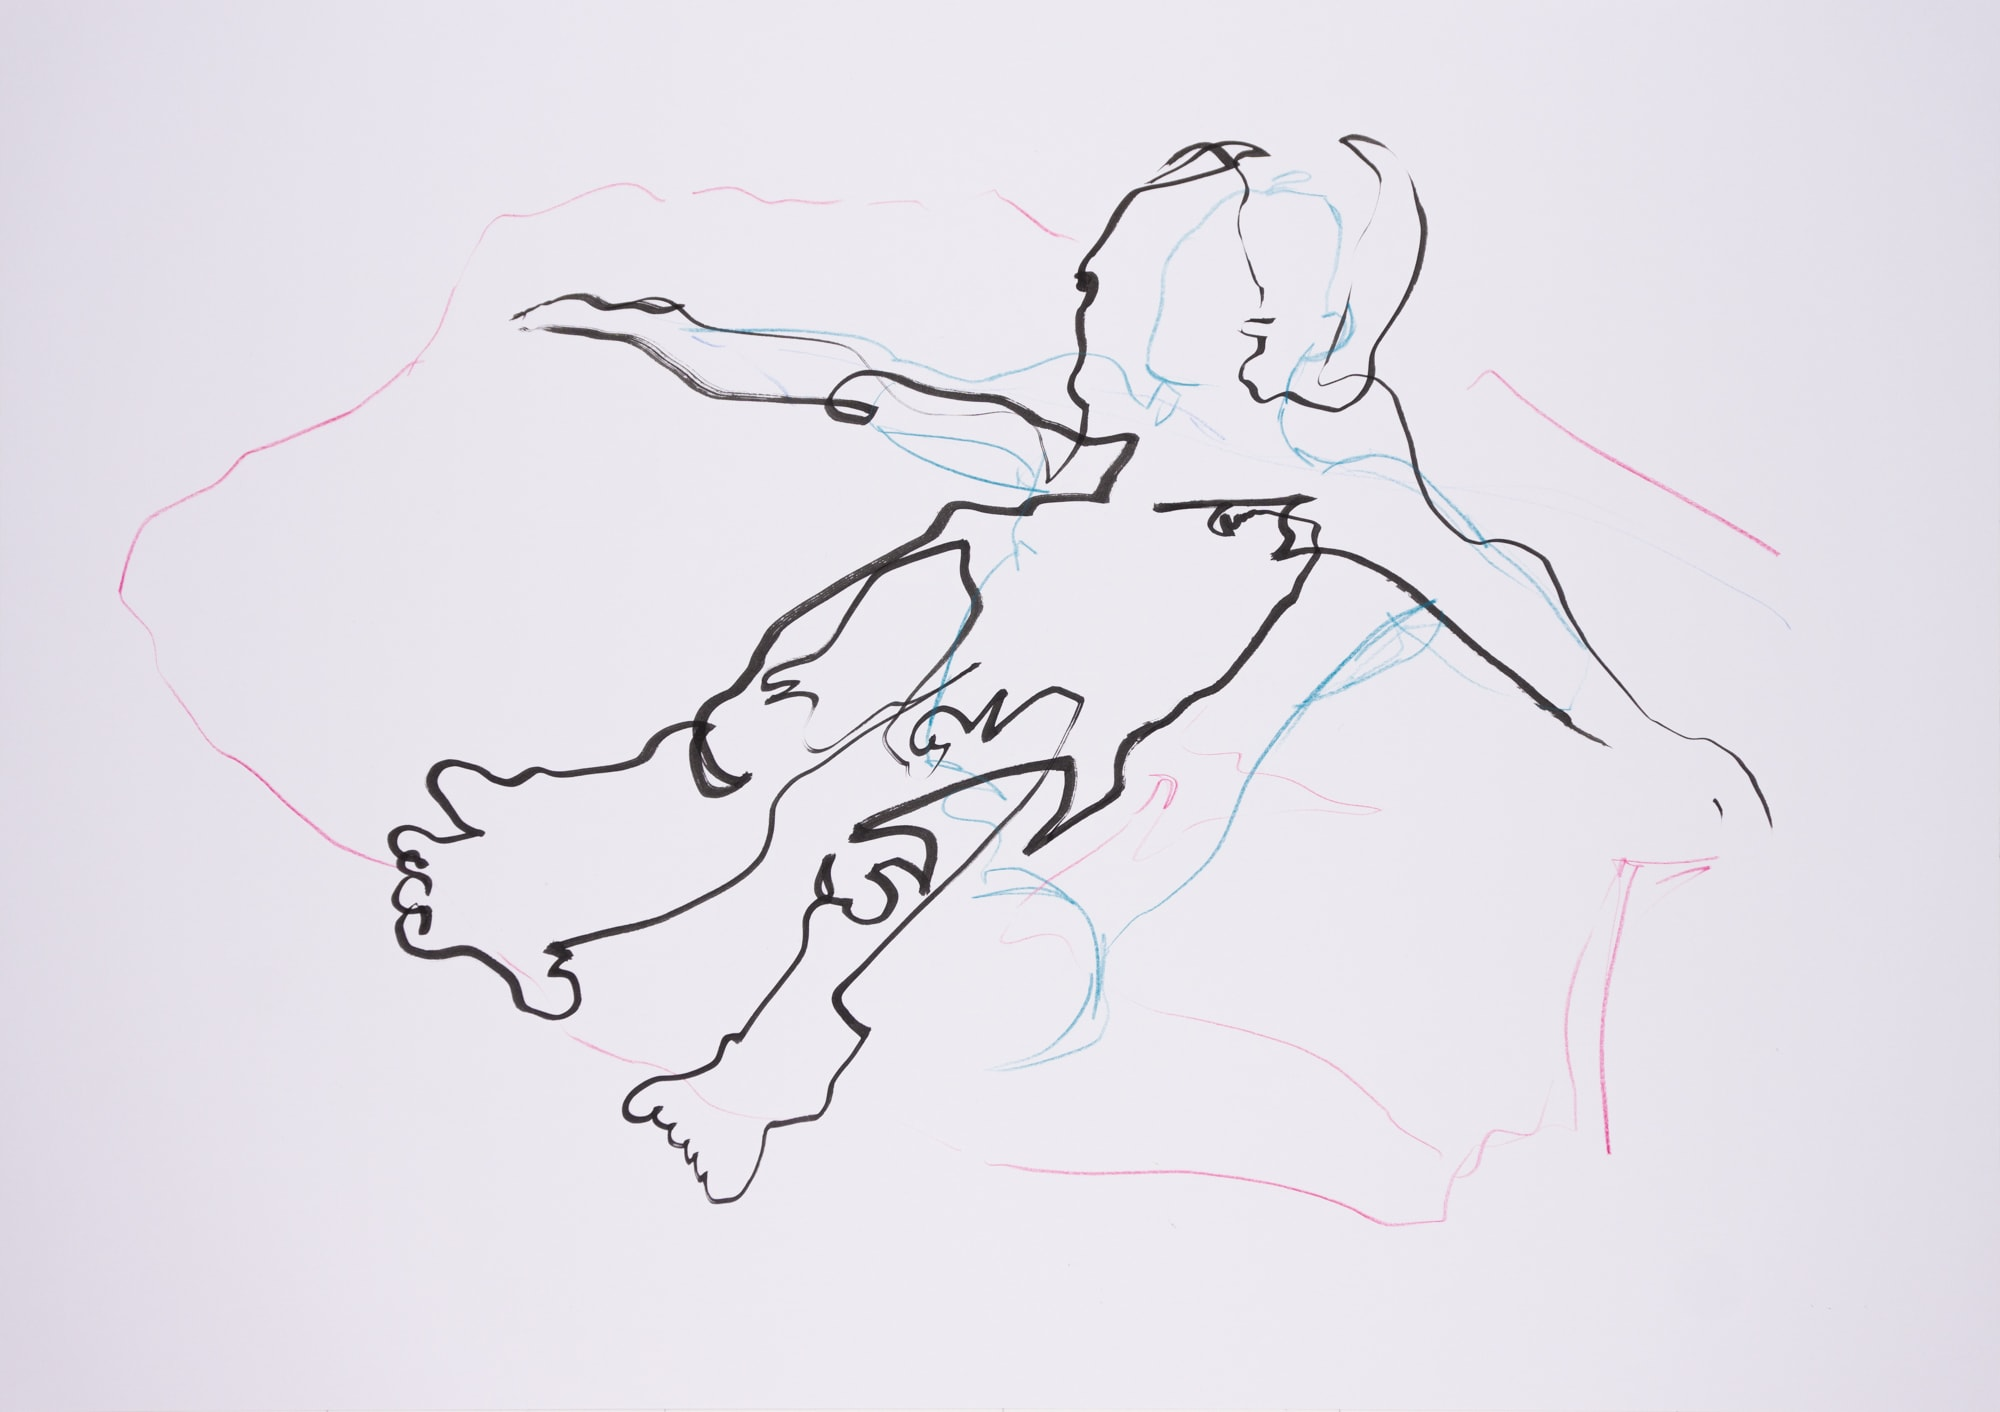 Zeichnung, Farbstift und Tusche auf Papier,59,4x42cm, Akt, Künstlerin: Franziska King